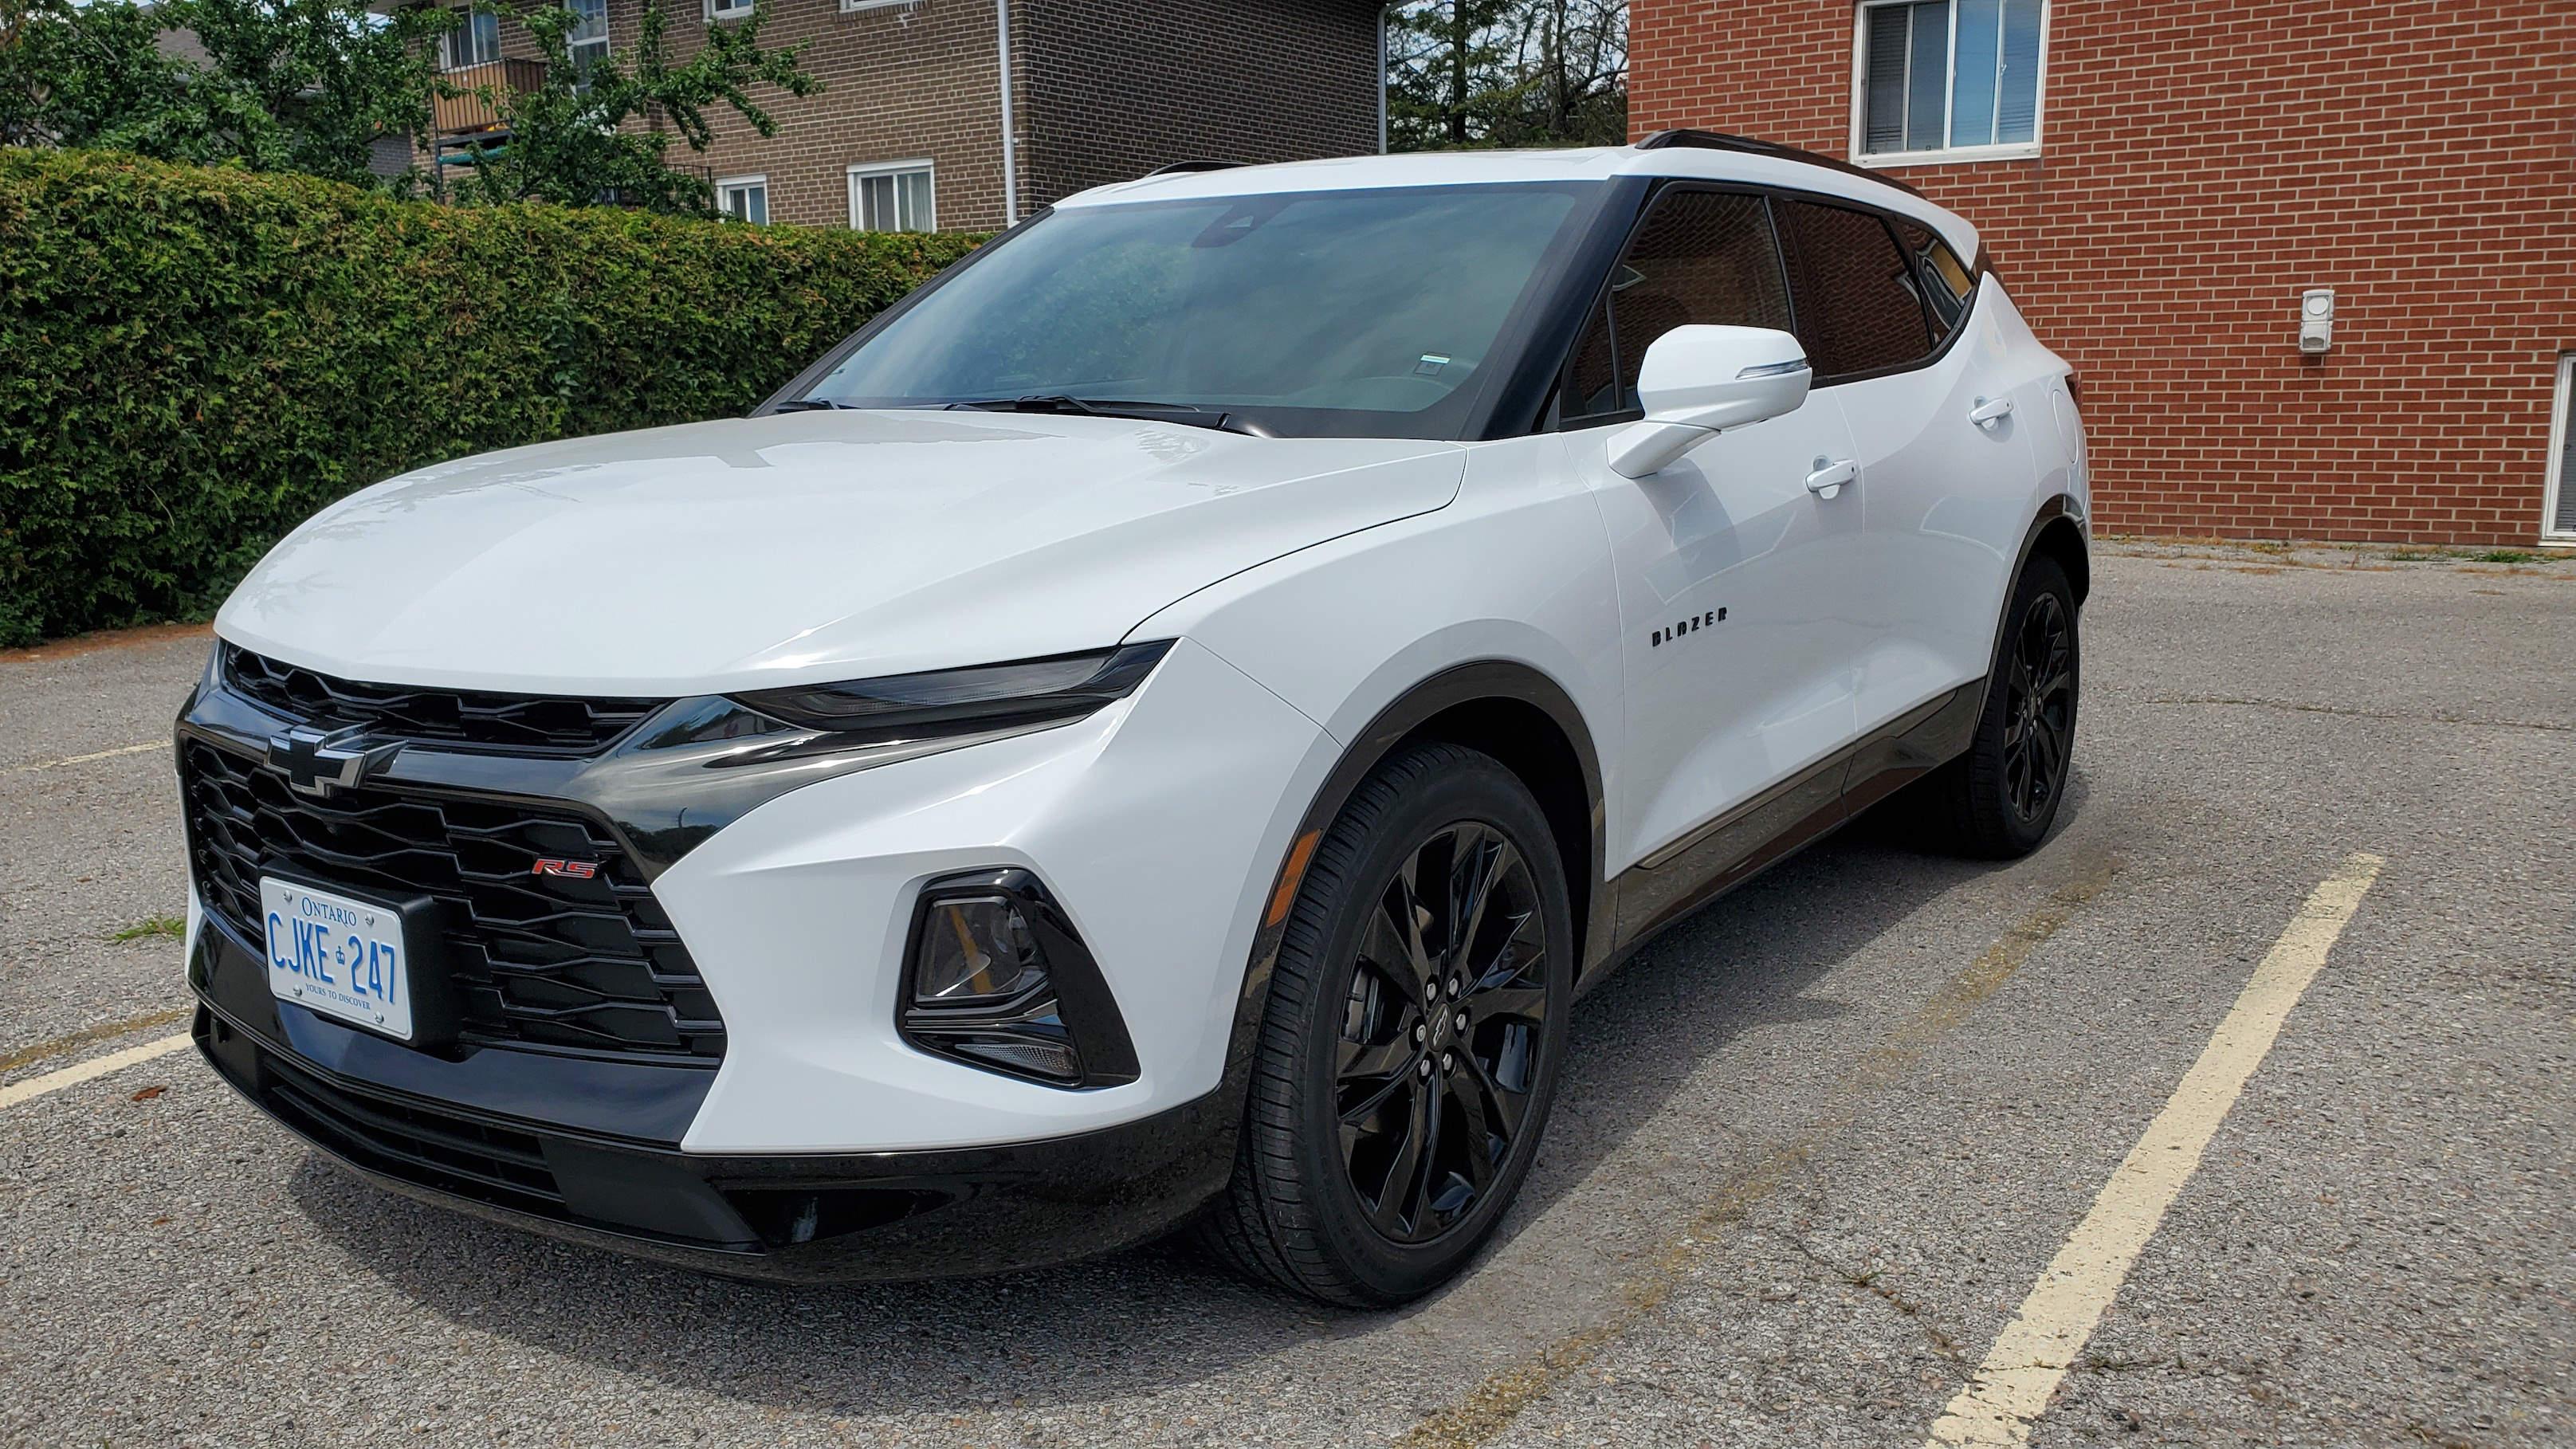 Kelebihan Chevrolet Rs Top Model Tahun Ini